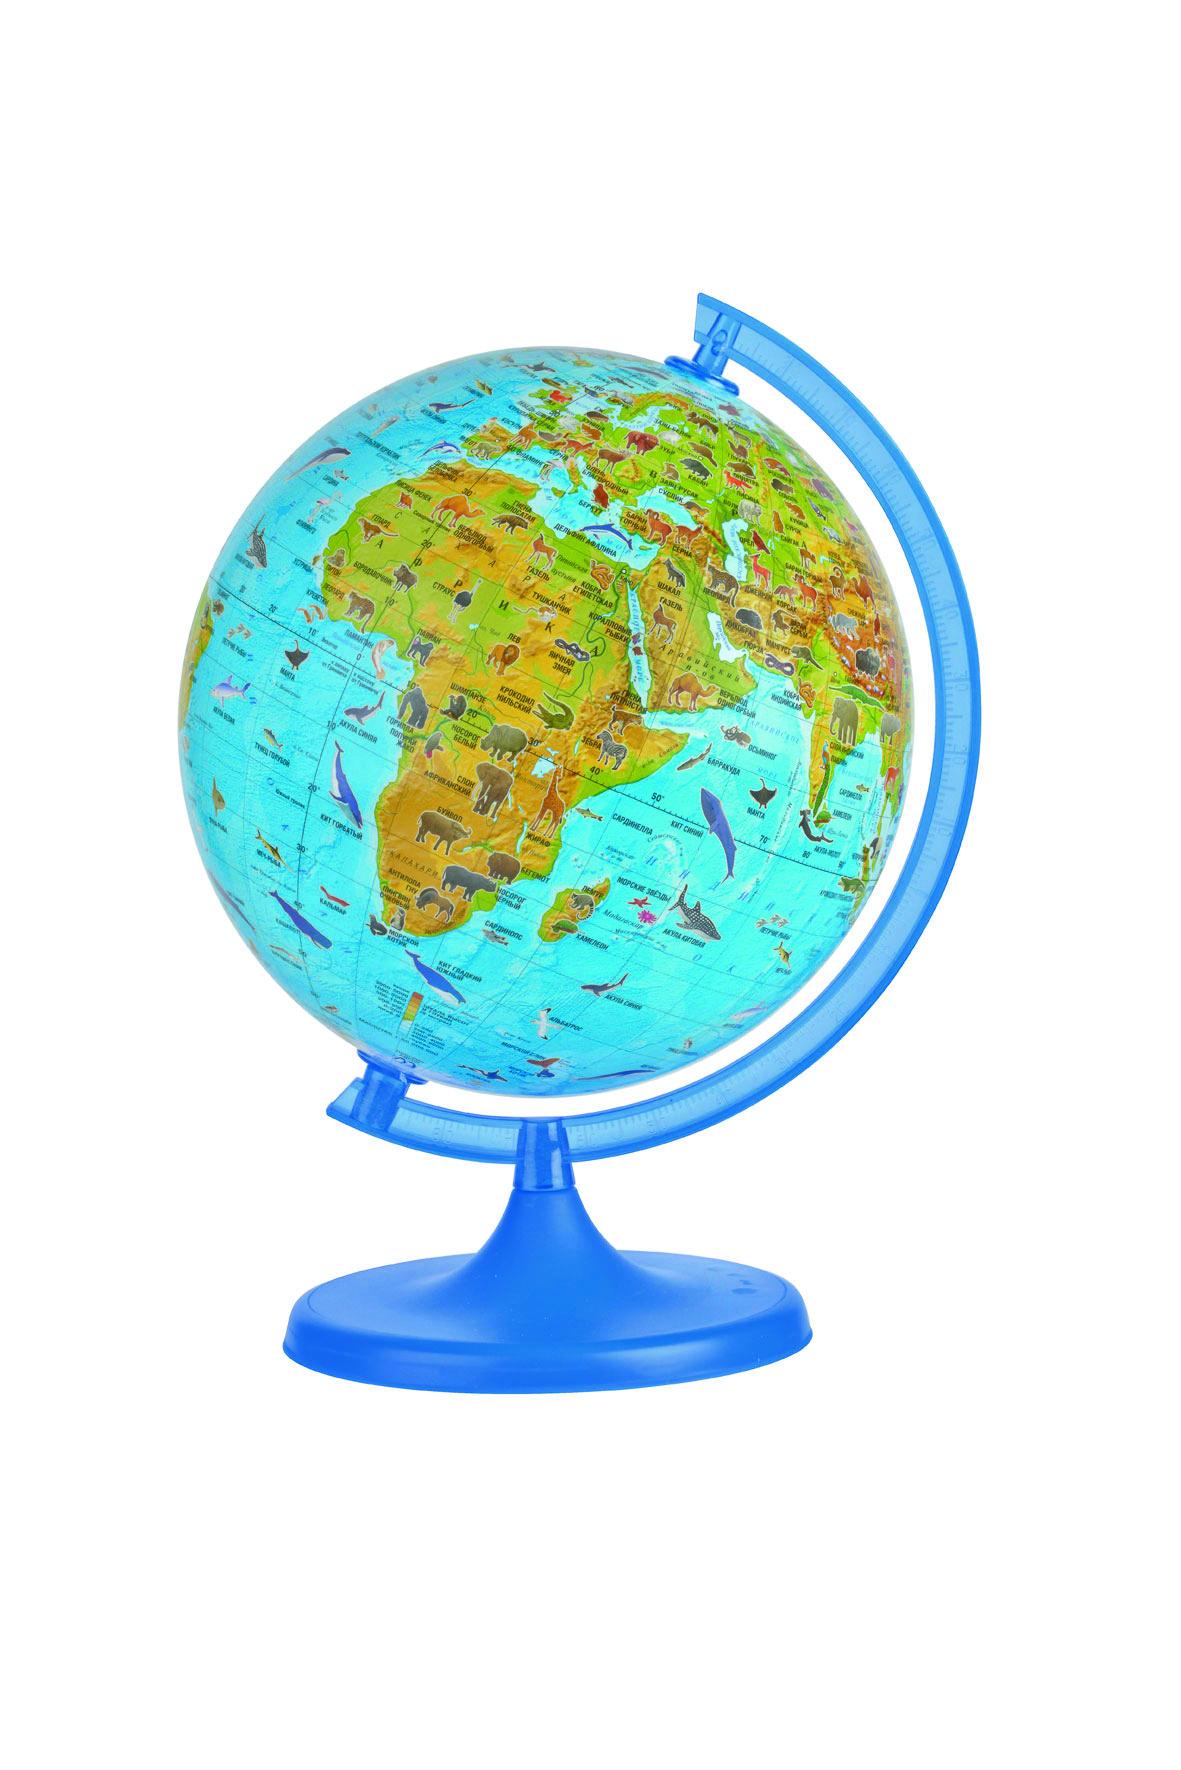 Глобус DMB, с зоологической картой мира, диаметр 22 см + Мини-энциклопедия Животный Мир Земли10063Зоологический глобус DMB изготовлен из высококачественногопрочного пластика. На сфере зоологического глобуса изображены материки и океаны, а также места проживания животных и рыб. На глобусе отображены самые известные животные, наиболее характерные для той или иной среды обитания. Изделие расположено на подставке. Географические названия на глобусе приведены на русском языке. Сделайте первый шаг в стимулирование своего обучения! К глобусу прилагается мини-энциклопедия Животный Мир Земли, которая обязательно поможет детям и их родителям открыть для себя что-то новое в изучении животного мира нашей удивительной планеты.Настольный глобус DMB станет оригинальным украшением рабочегостола или вашего кабинета. Это изысканная вещь для стильного интерьера,которая станет прекрасным подарком для современного преуспевающегочеловека, следующего последним тенденциям моды и стремящегося кэлегантности и комфорту в каждой детали.Высота глобуса с подставкой: 33 см.Диаметр глобуса: 22 см.Масштаб: 1:60 000 000.